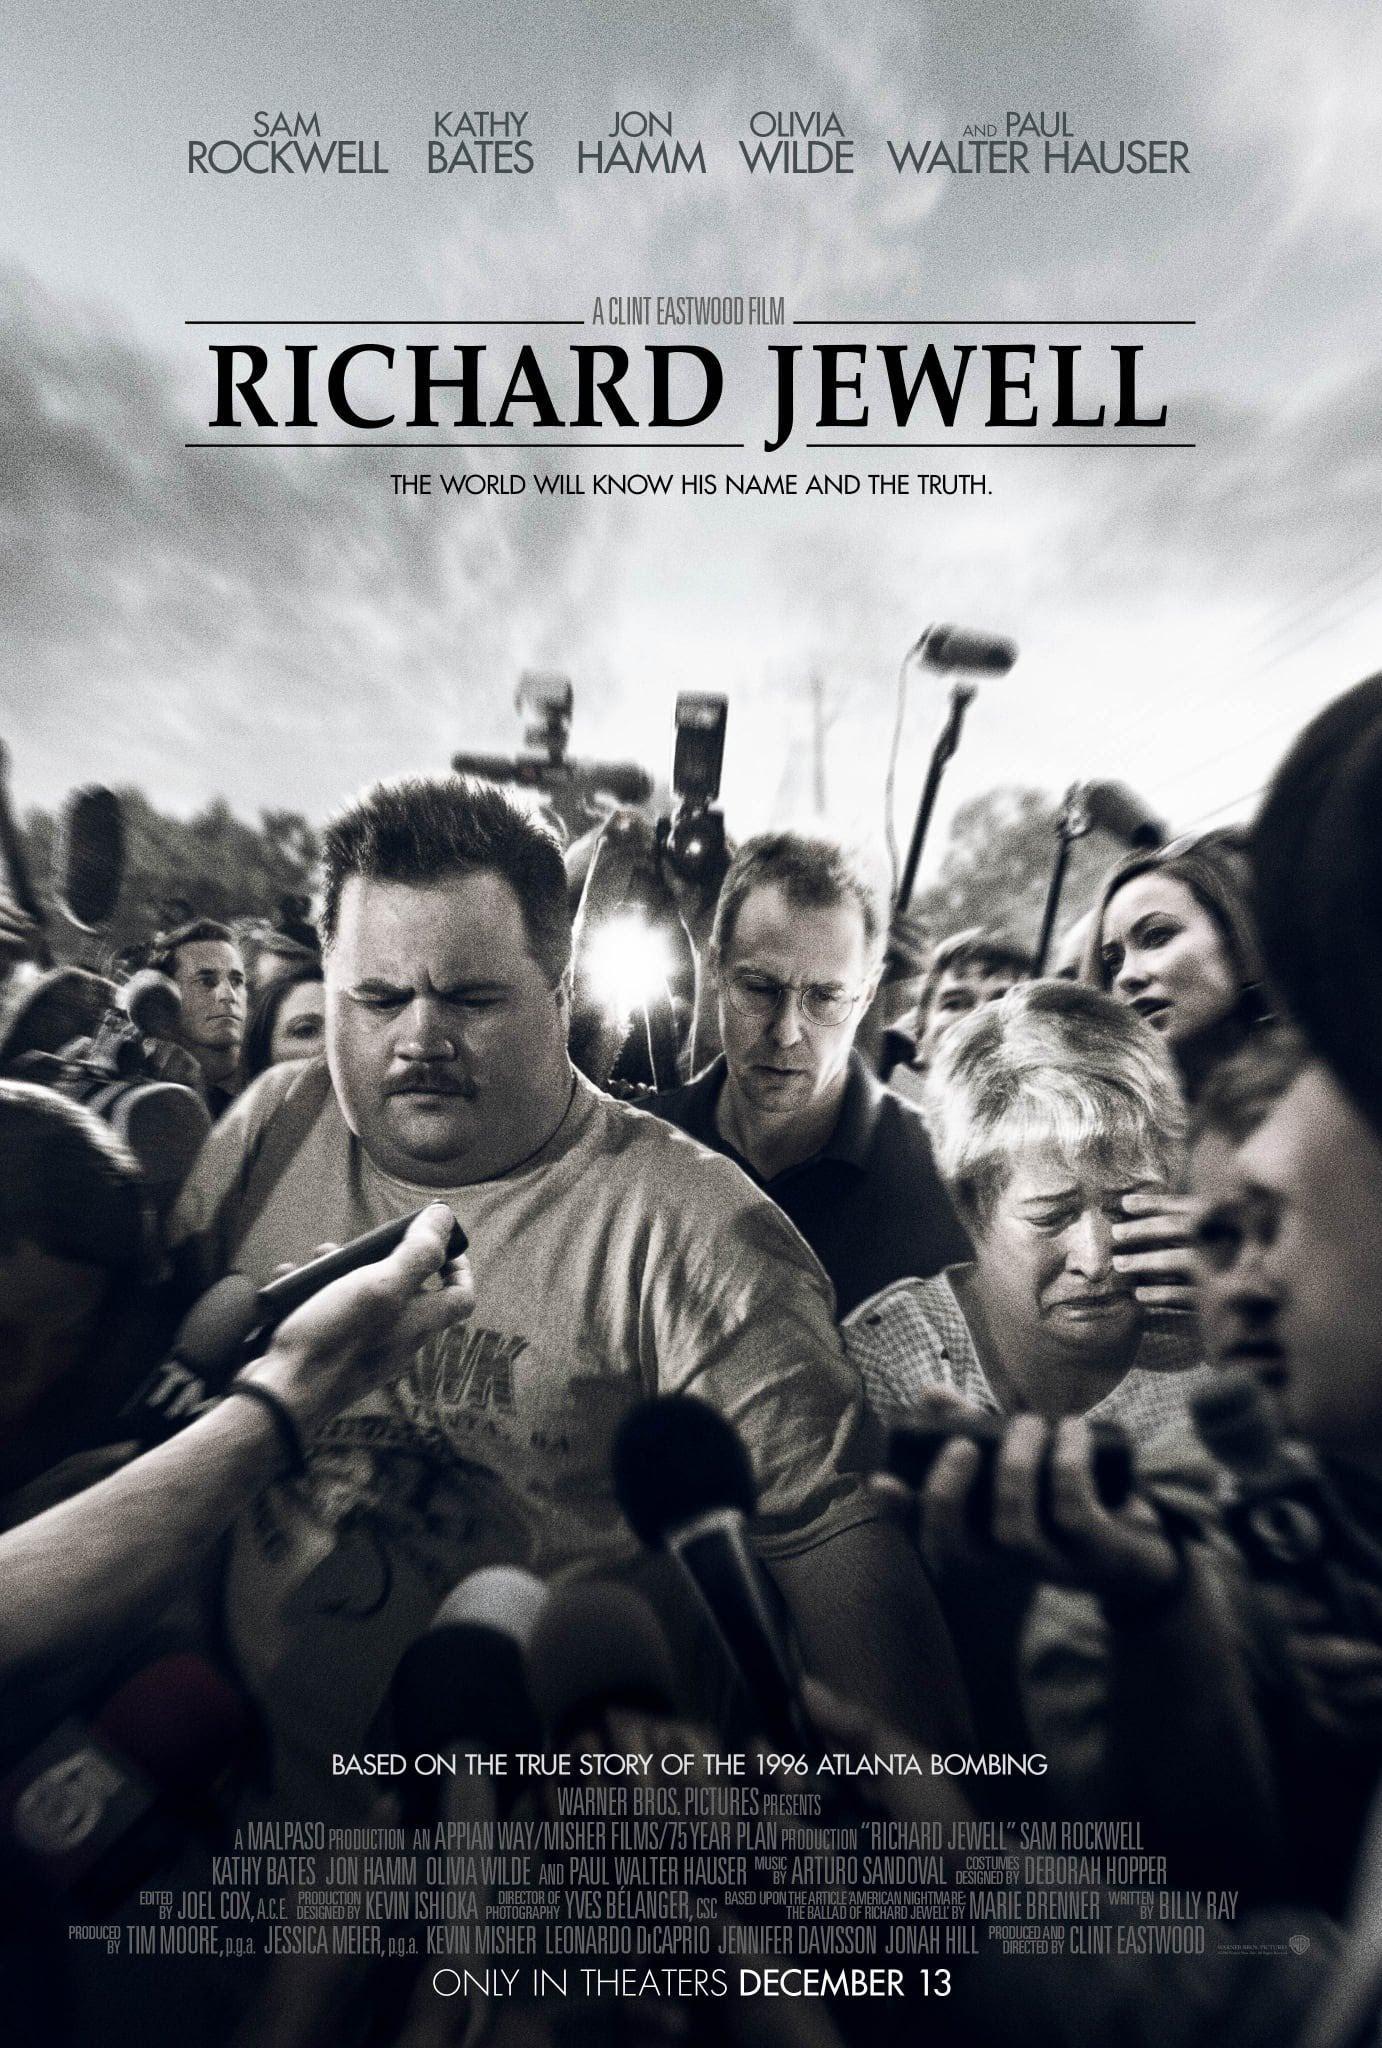 First poster for Clint Eastwood's Richard Jewell : 名匠クリント・イーストウッド監督が、アトランタ五輪の爆弾テロの真犯人として間違えられた警備員の冤罪の苦悩の実話を映画化した問題作「リチャード・ジュエル」のポスター ! !